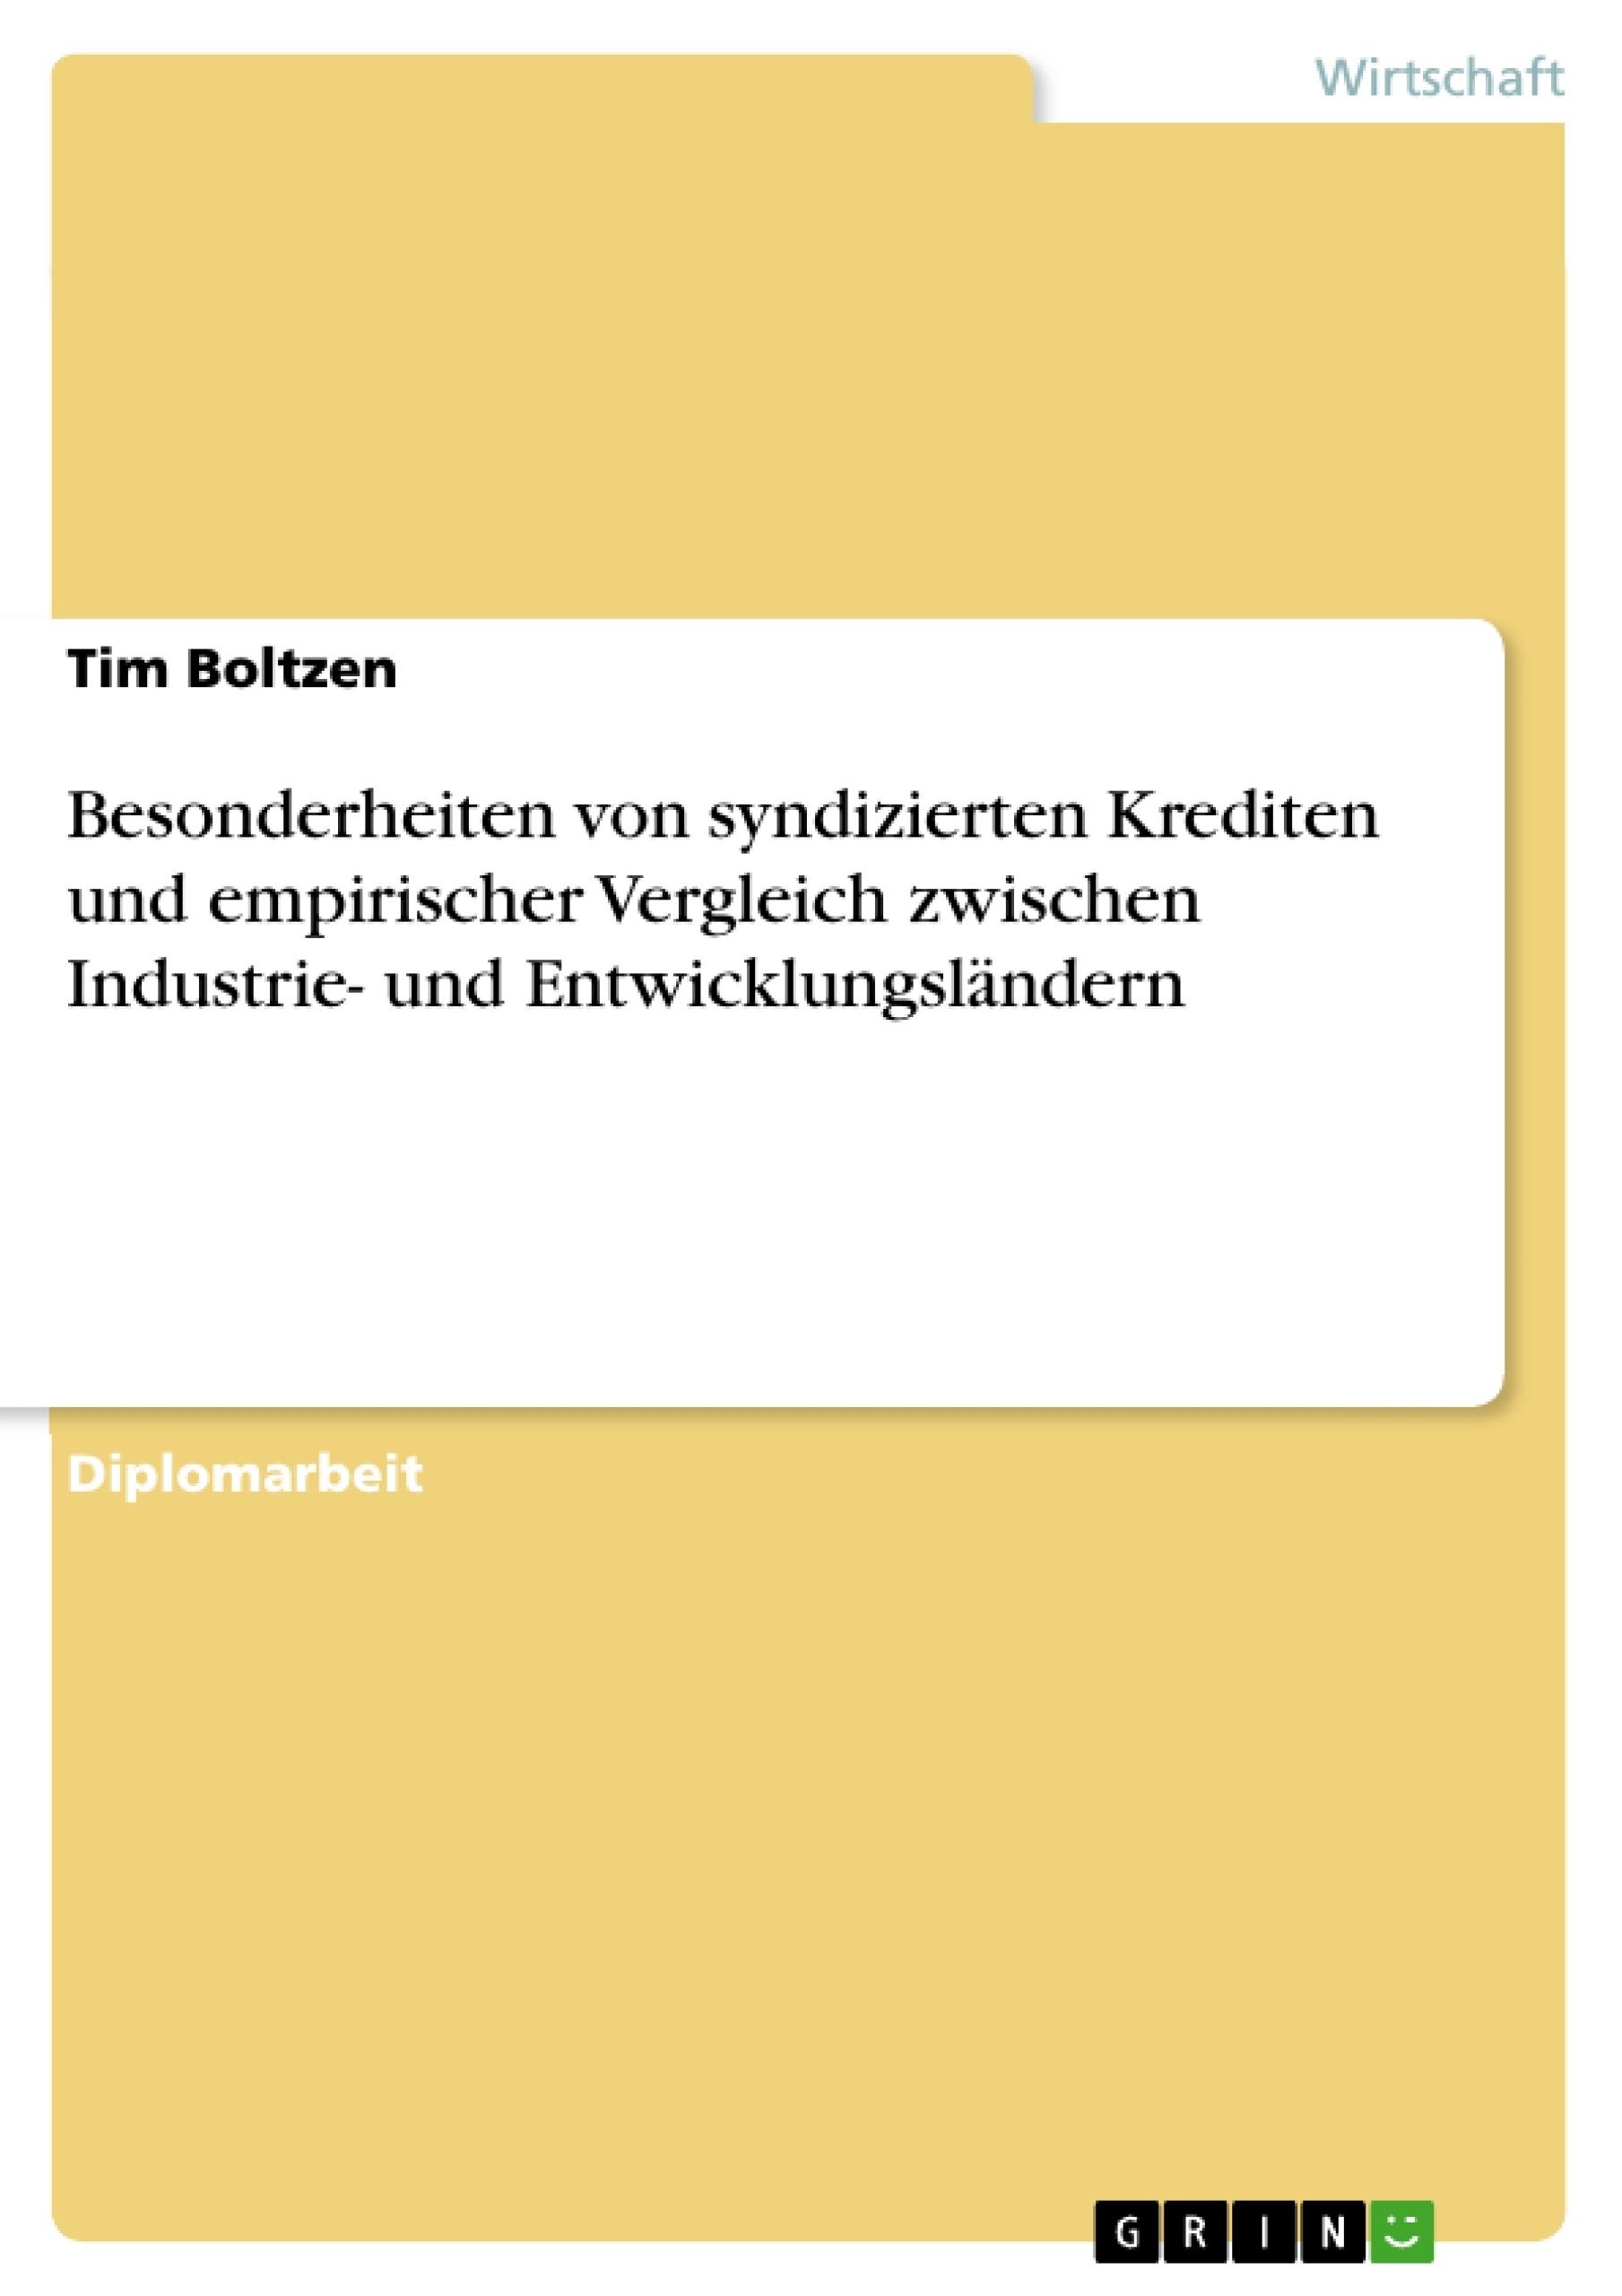 Titel: Besonderheiten von syndizierten Krediten und empirischer Vergleich zwischen Industrie- und Entwicklungsländern